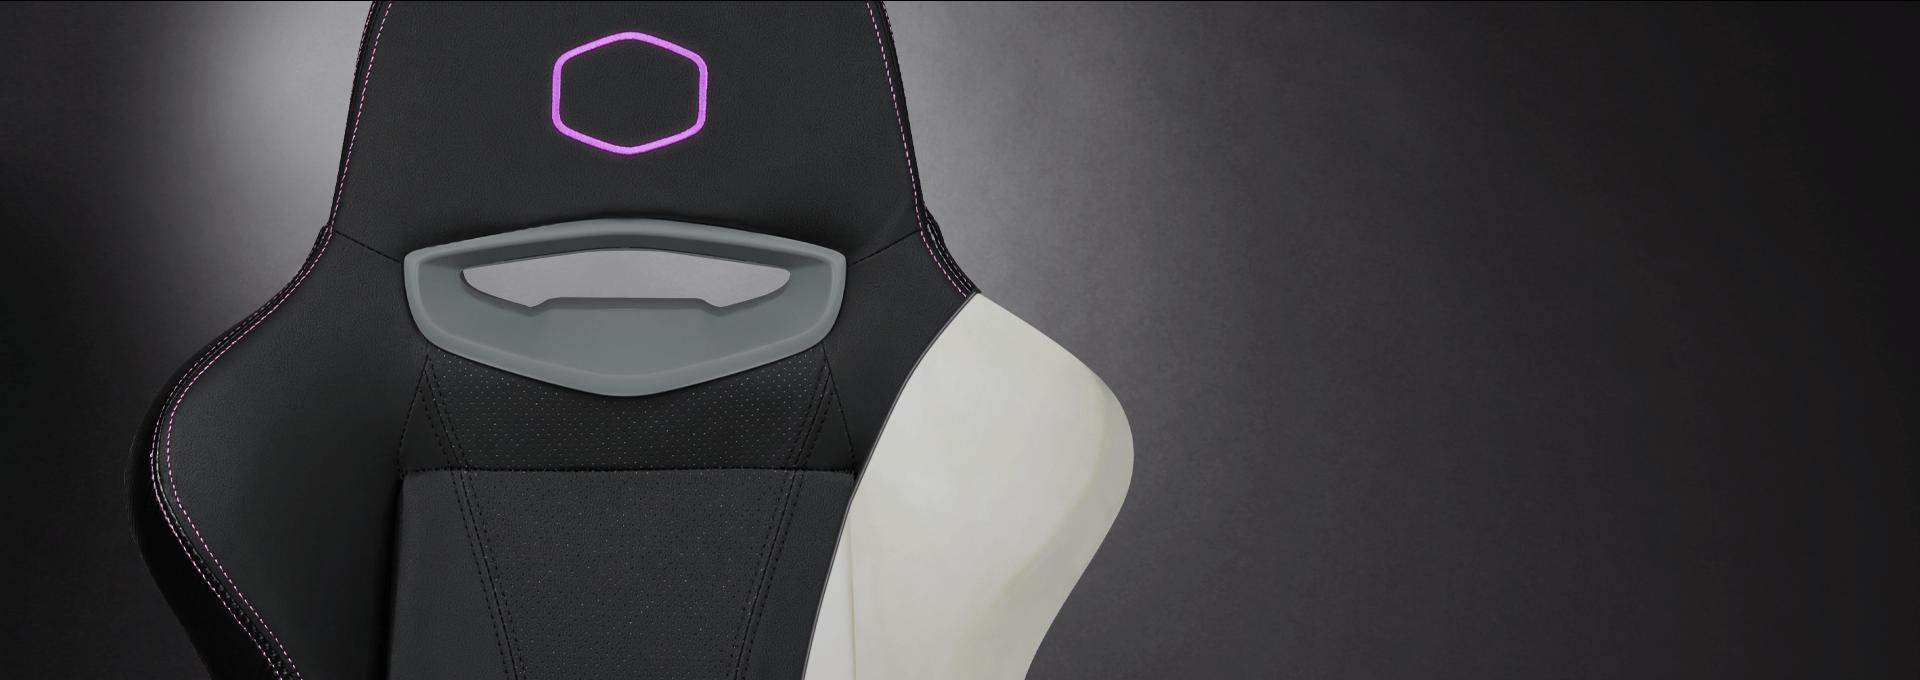 Ghế Gamer CoolerMaster Caliber X1 (CMI-GCX1-2019) có thiết kế đệm ngồi bằng đệm bọt biển cực kỳ thoải mái